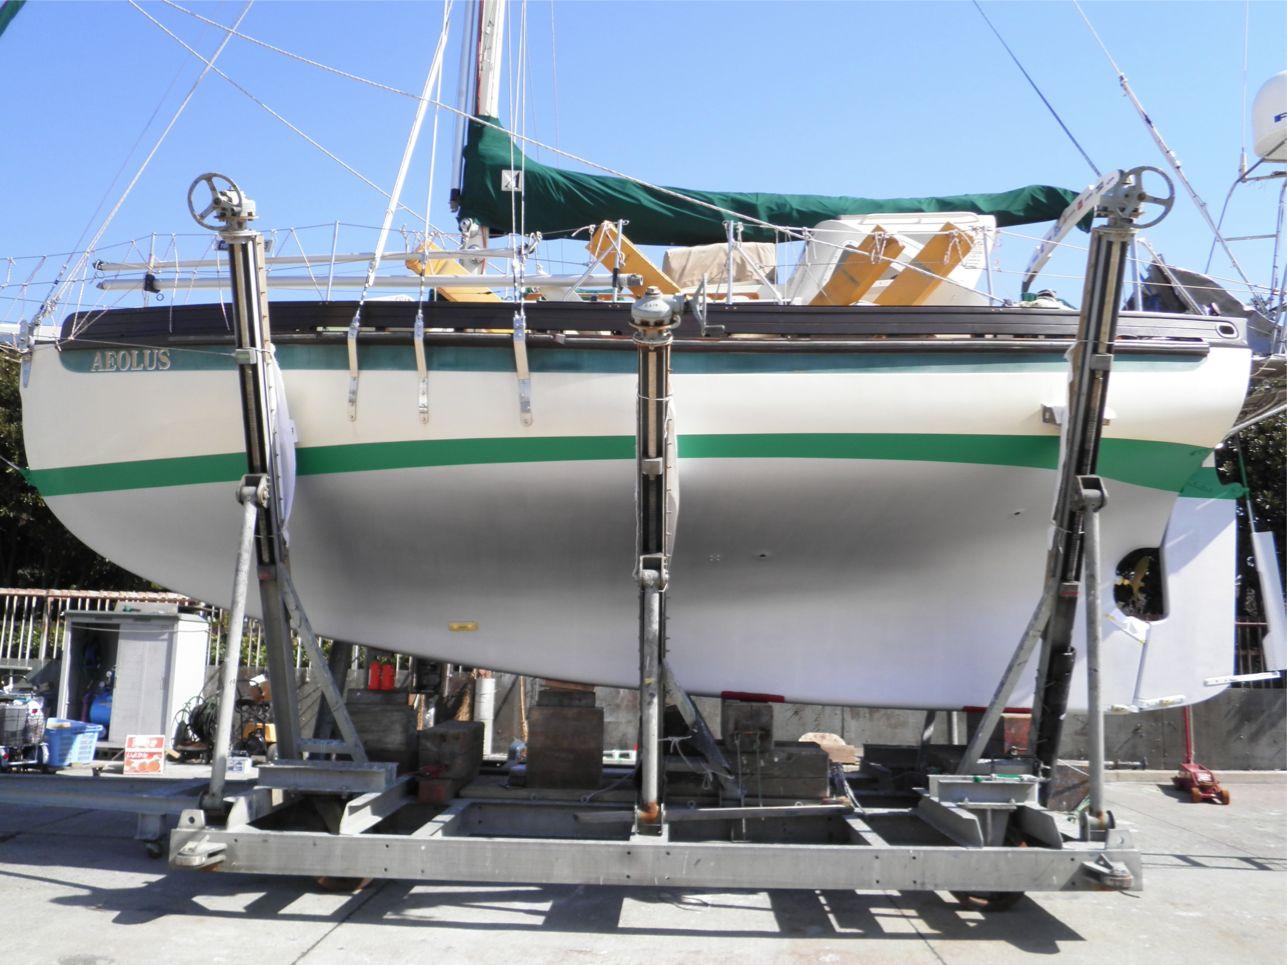 船底整備のすべて⑫ ハル上部(緑ライン) 船底塗料ニューマリンゴールド緑 塗装後_a0051924_22284540.jpg